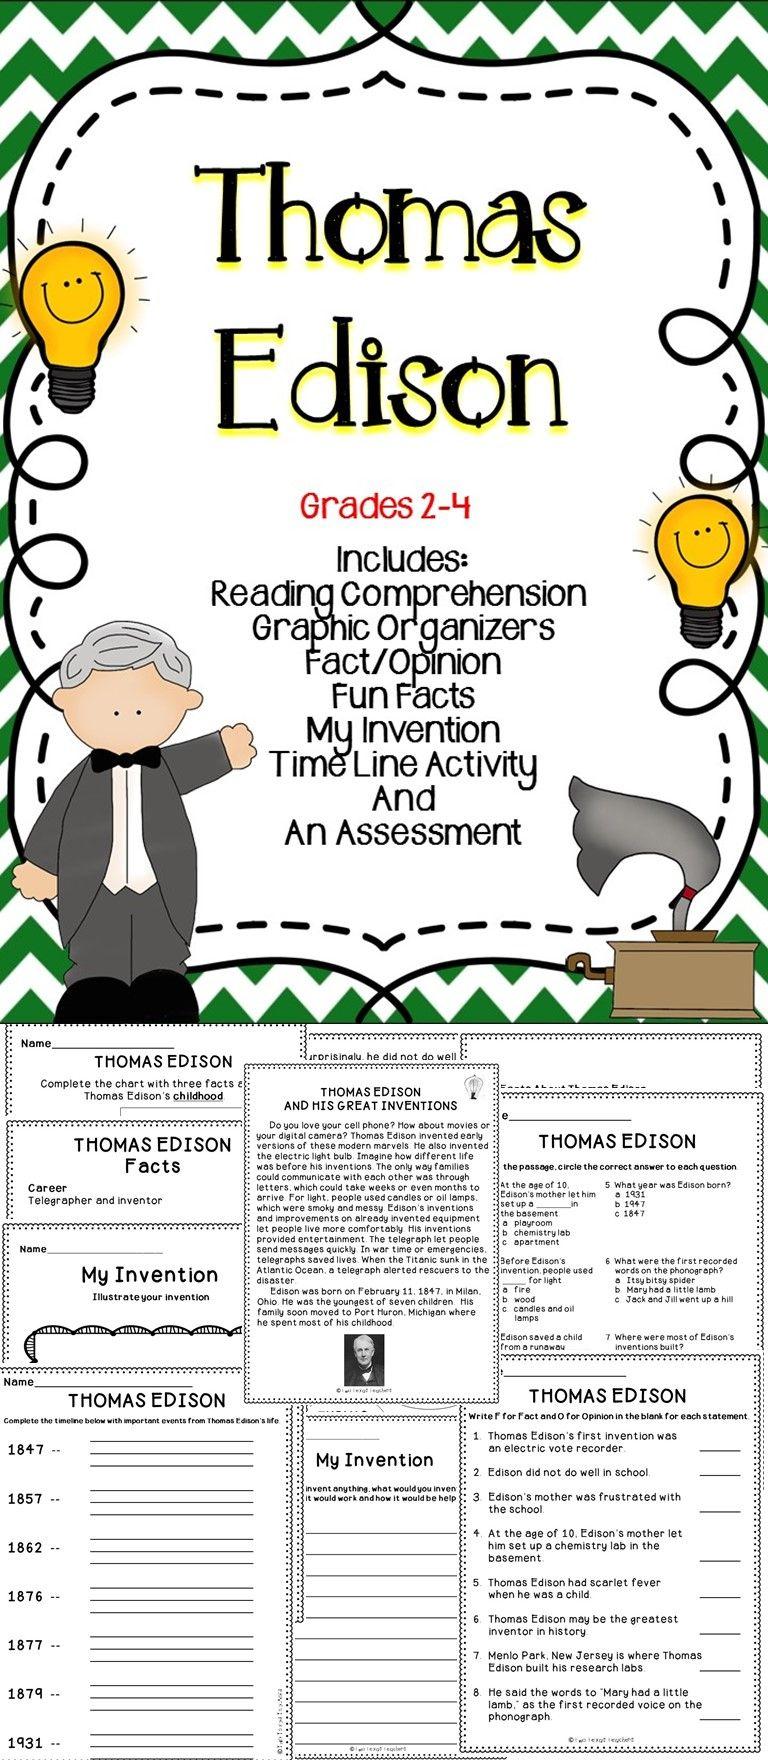 Thomas Edison | Common core standards, Core standards and Common cores for Thomas Edison Inventions Timeline  lp00lyp